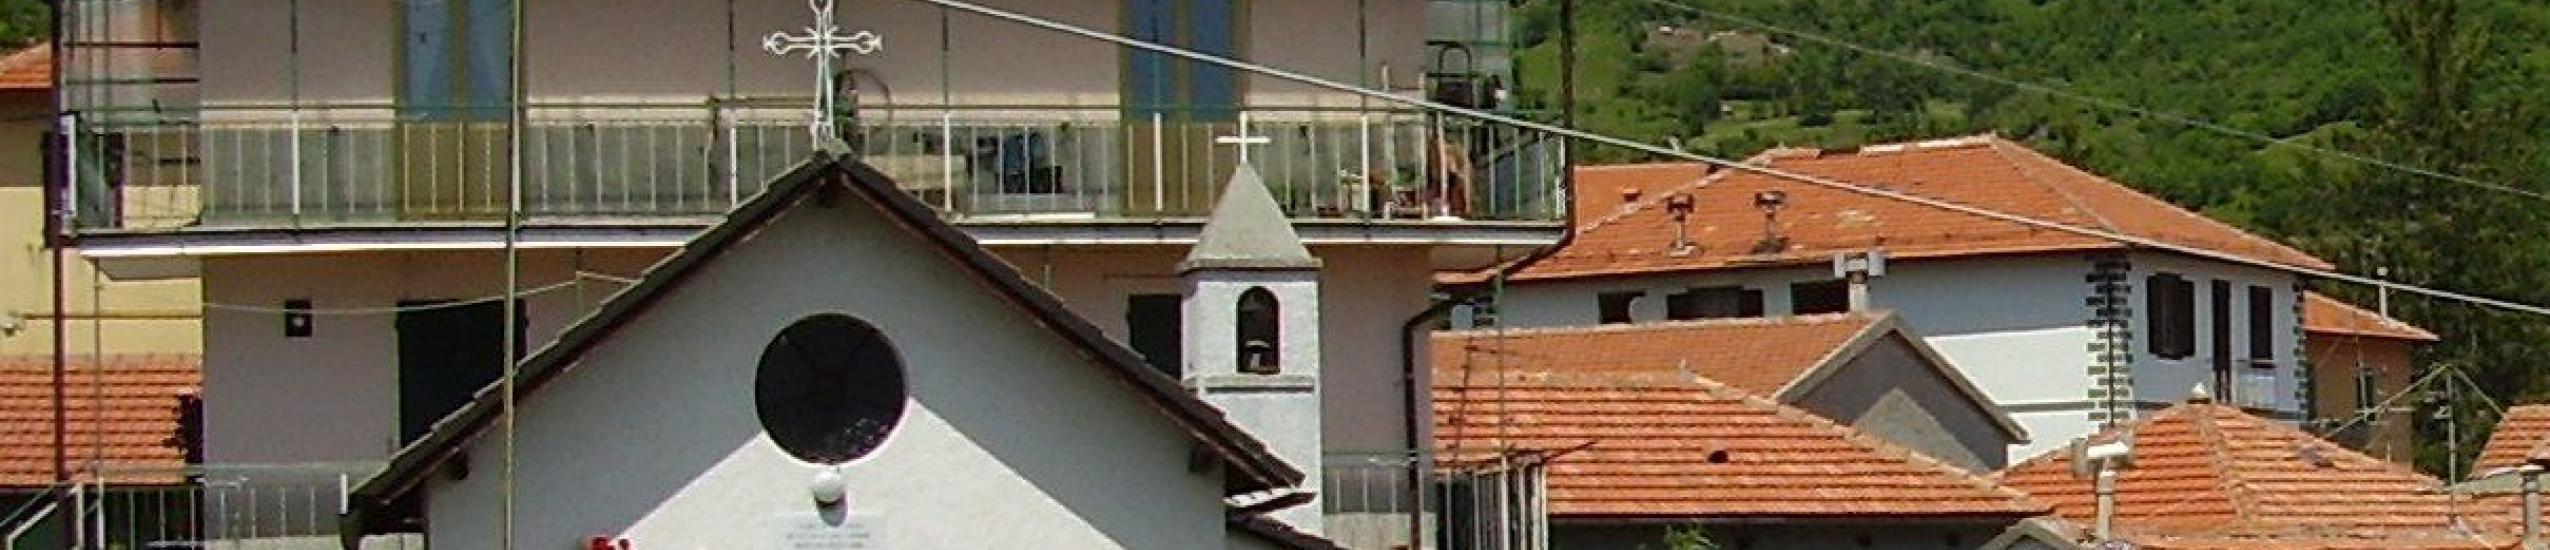 Chiesa di San Rocco Caffarena